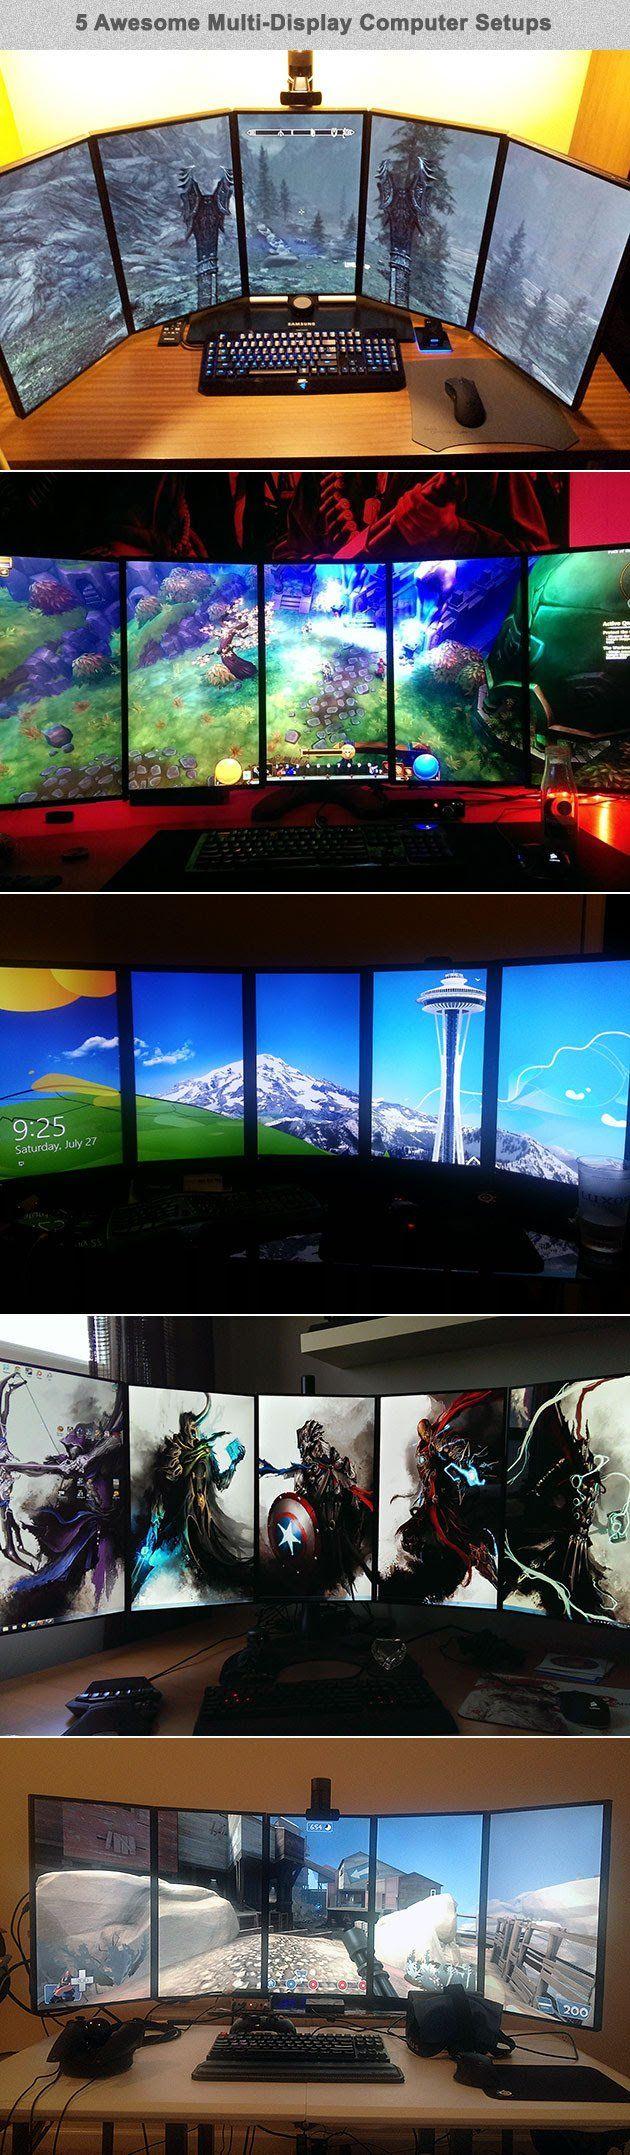 Harvard hgse computer tables flickr photo sharing - 5 Display Computer Setups